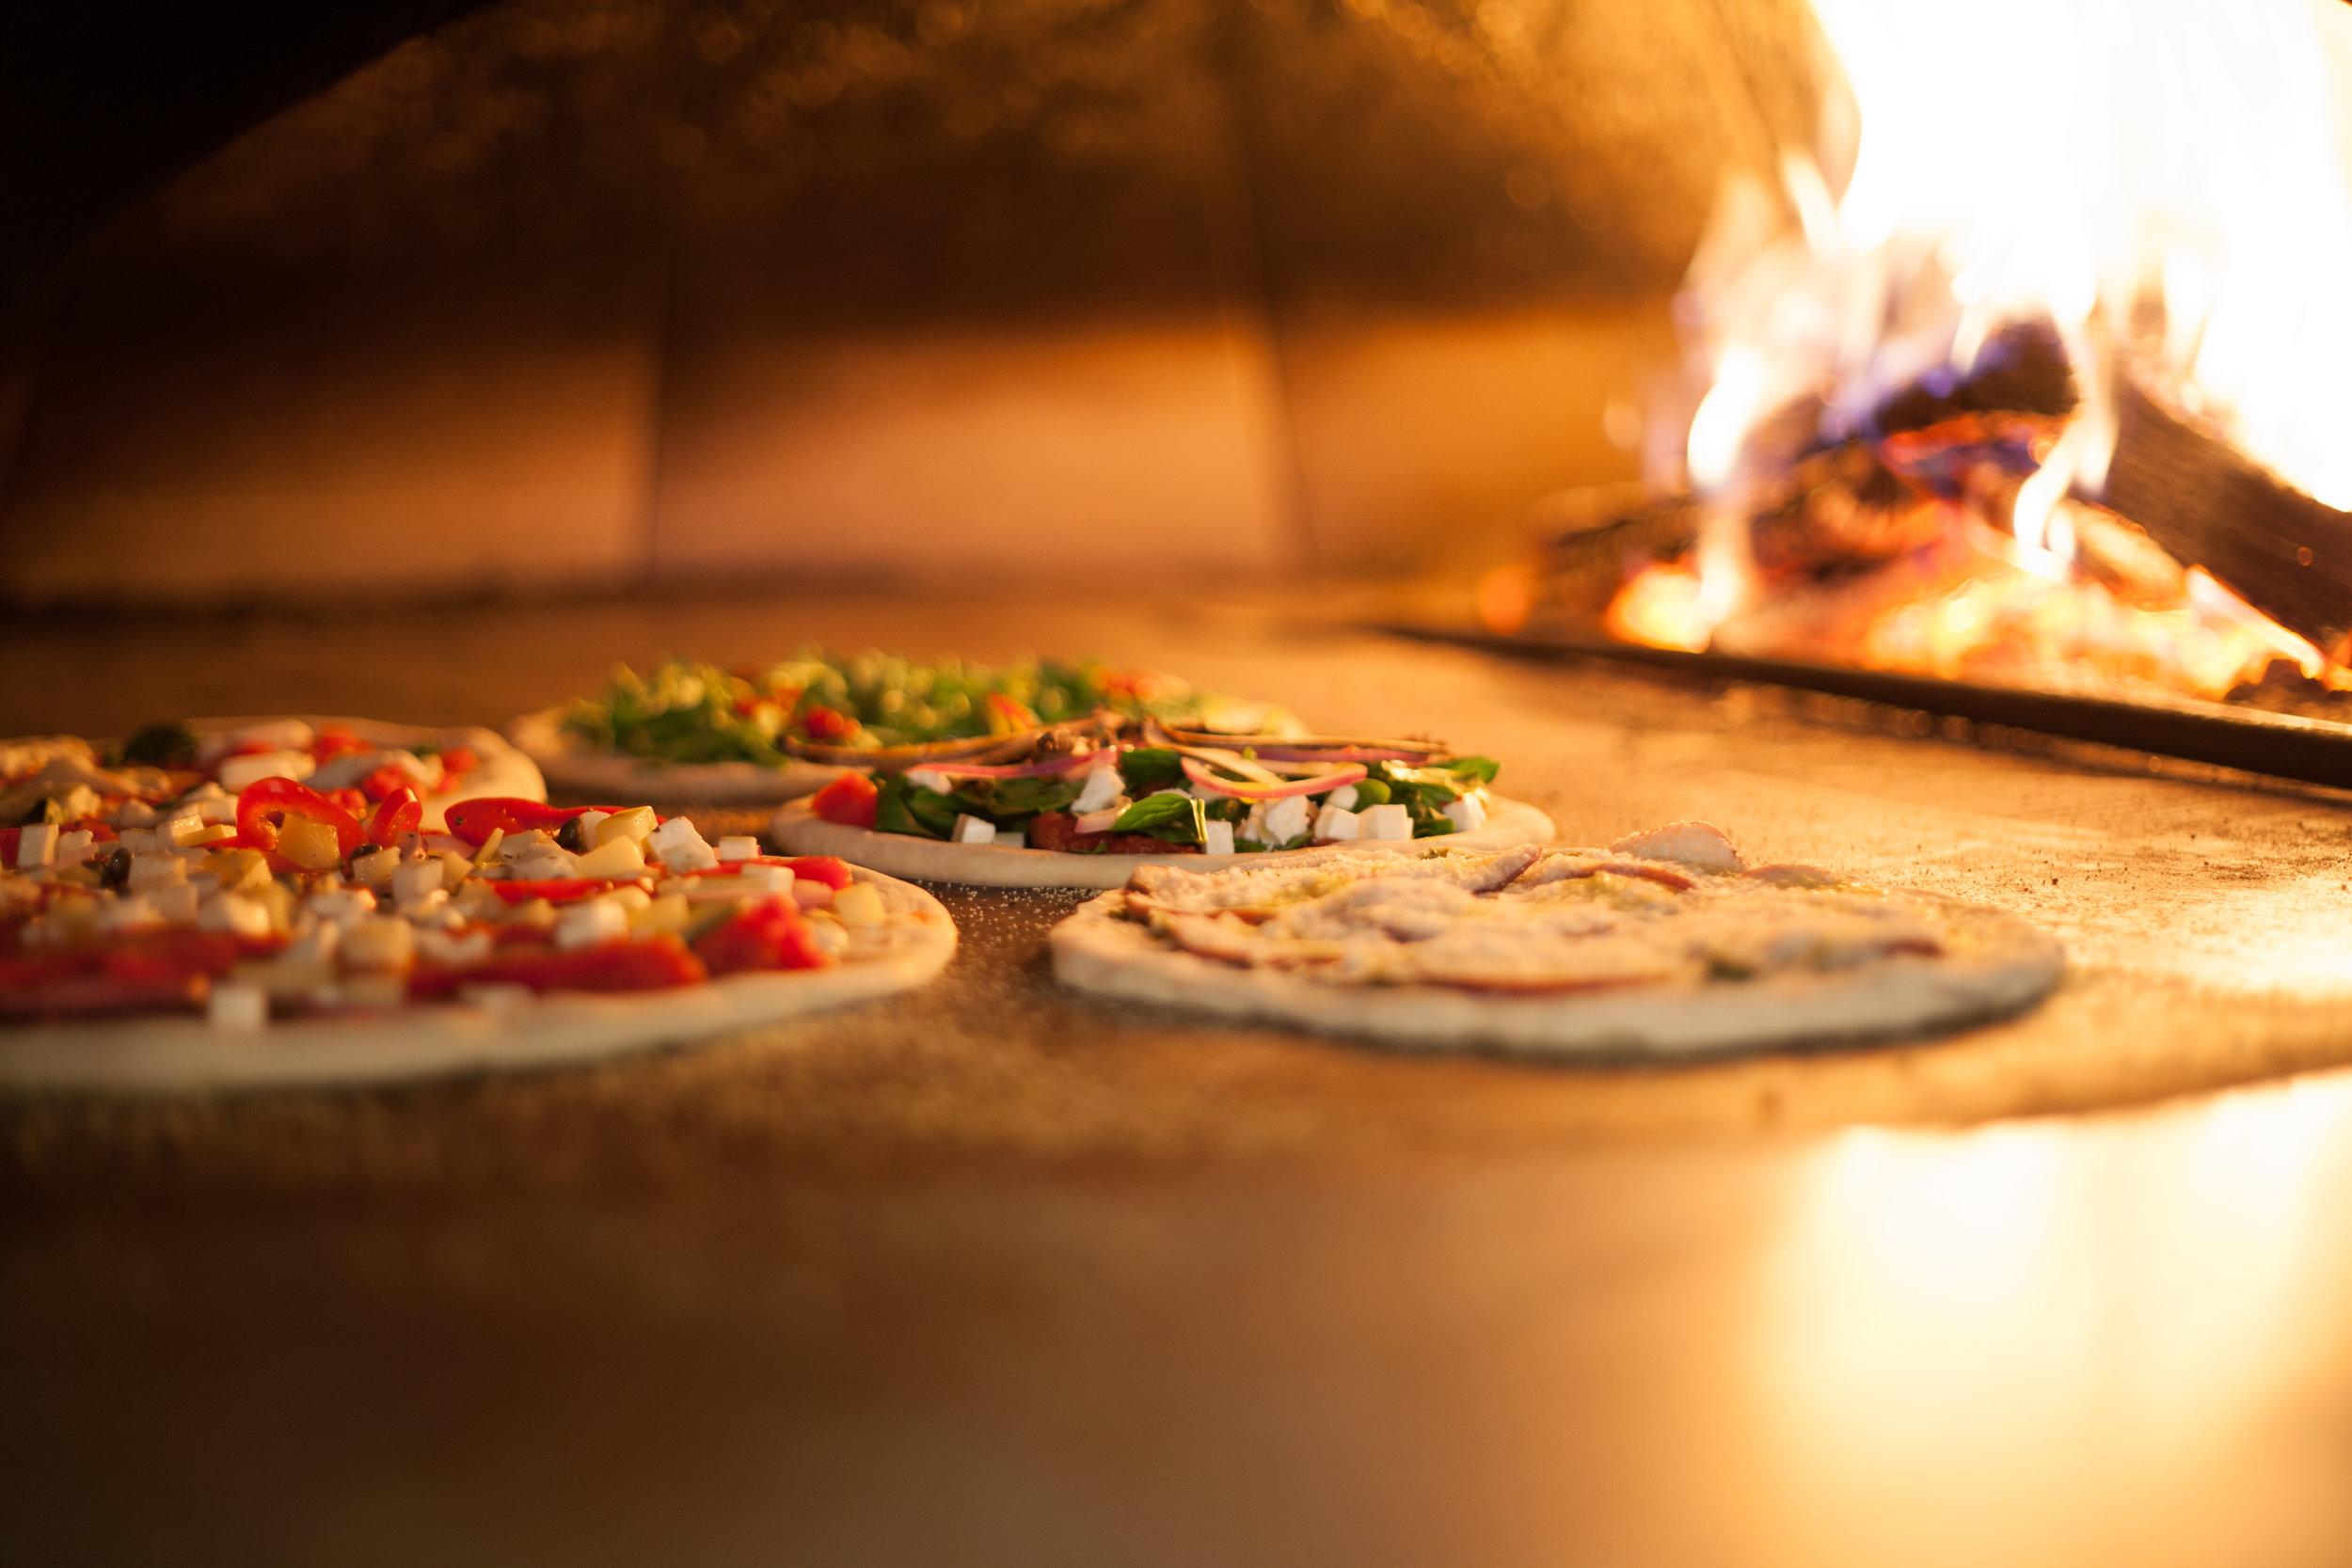 Pizzeria Paradiso oven (Photo by Juliana Molina)